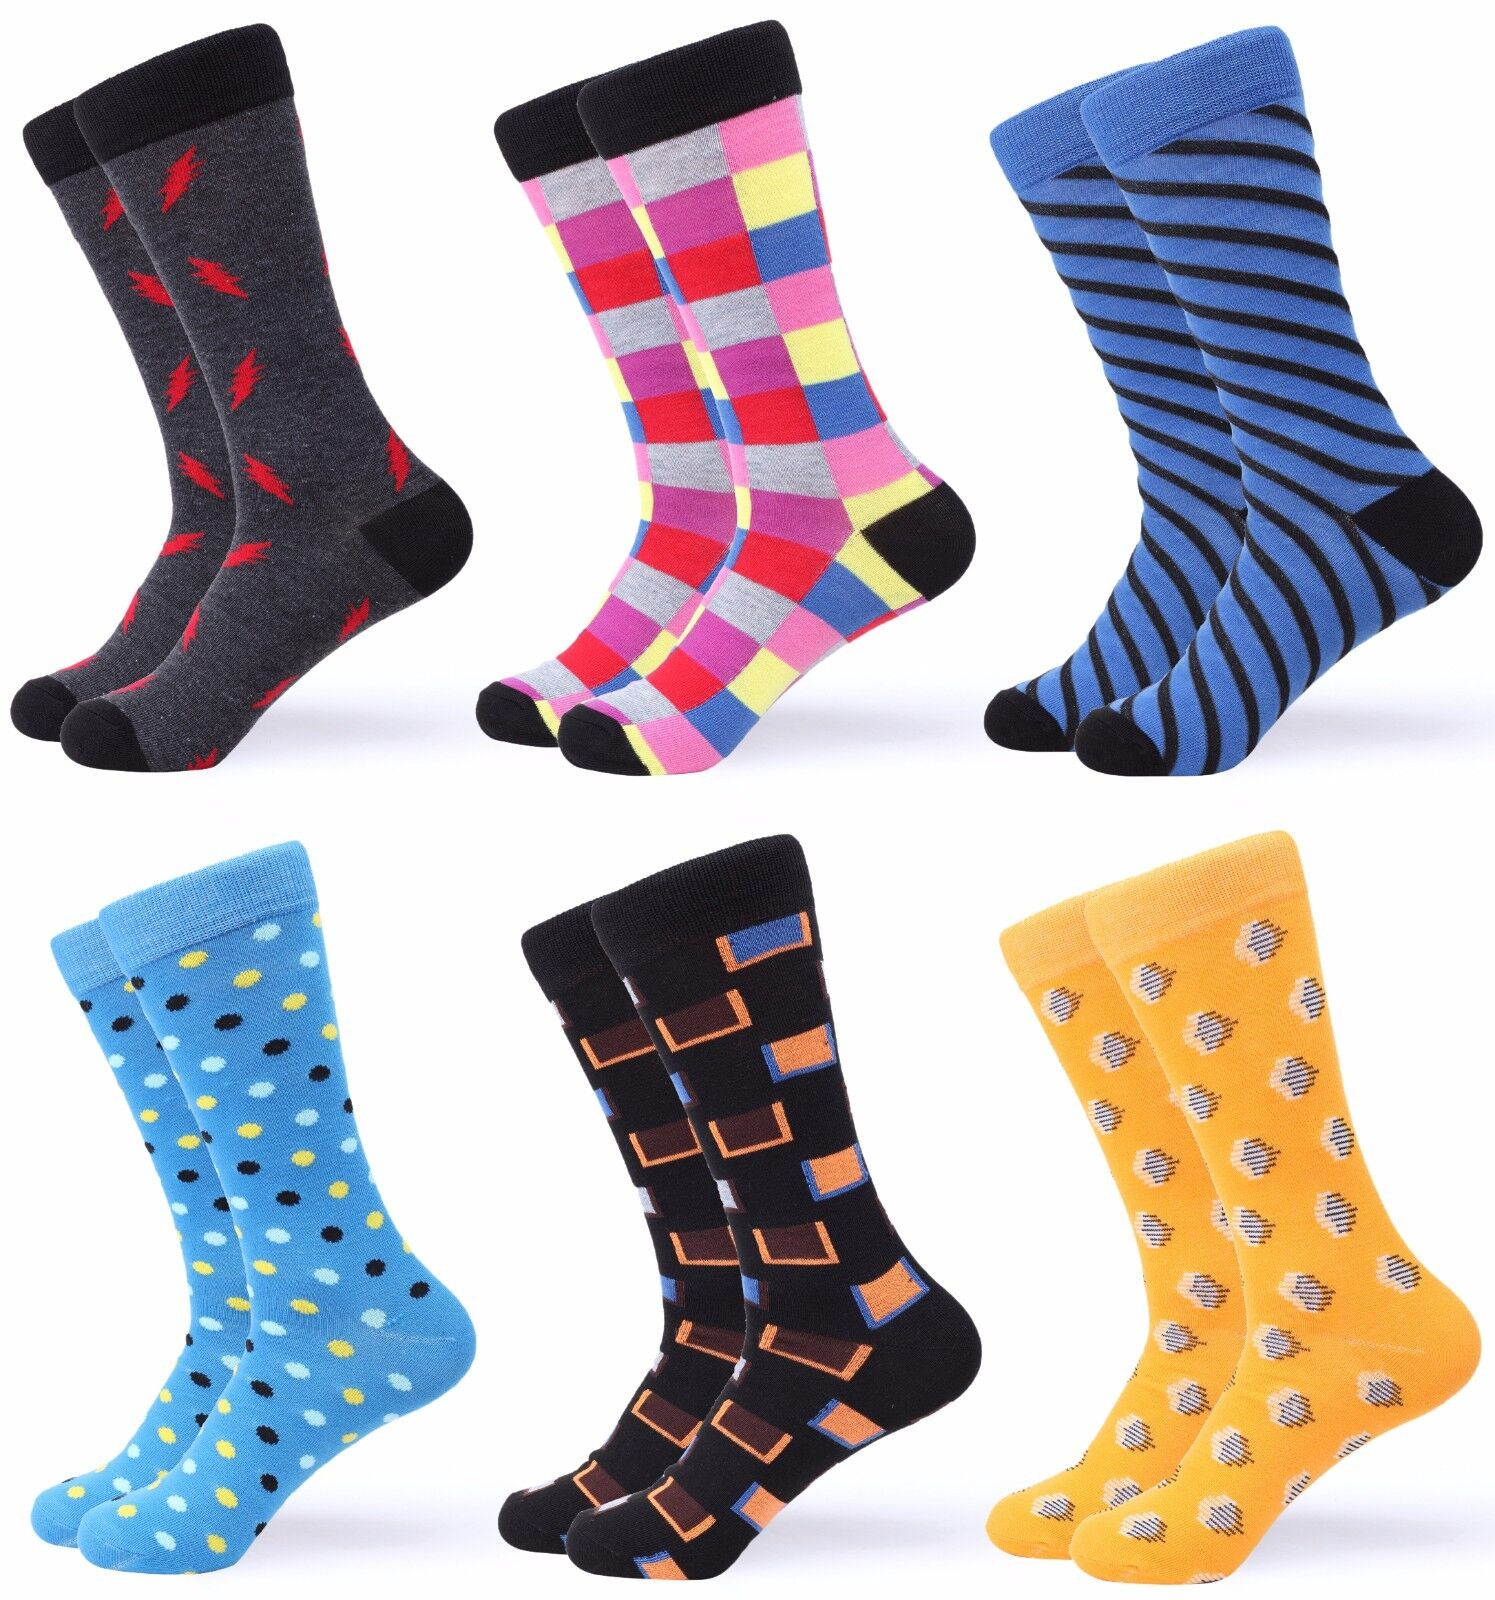 Gallery Seven Mens Dress Socks. Funky Colorful Socks for Men